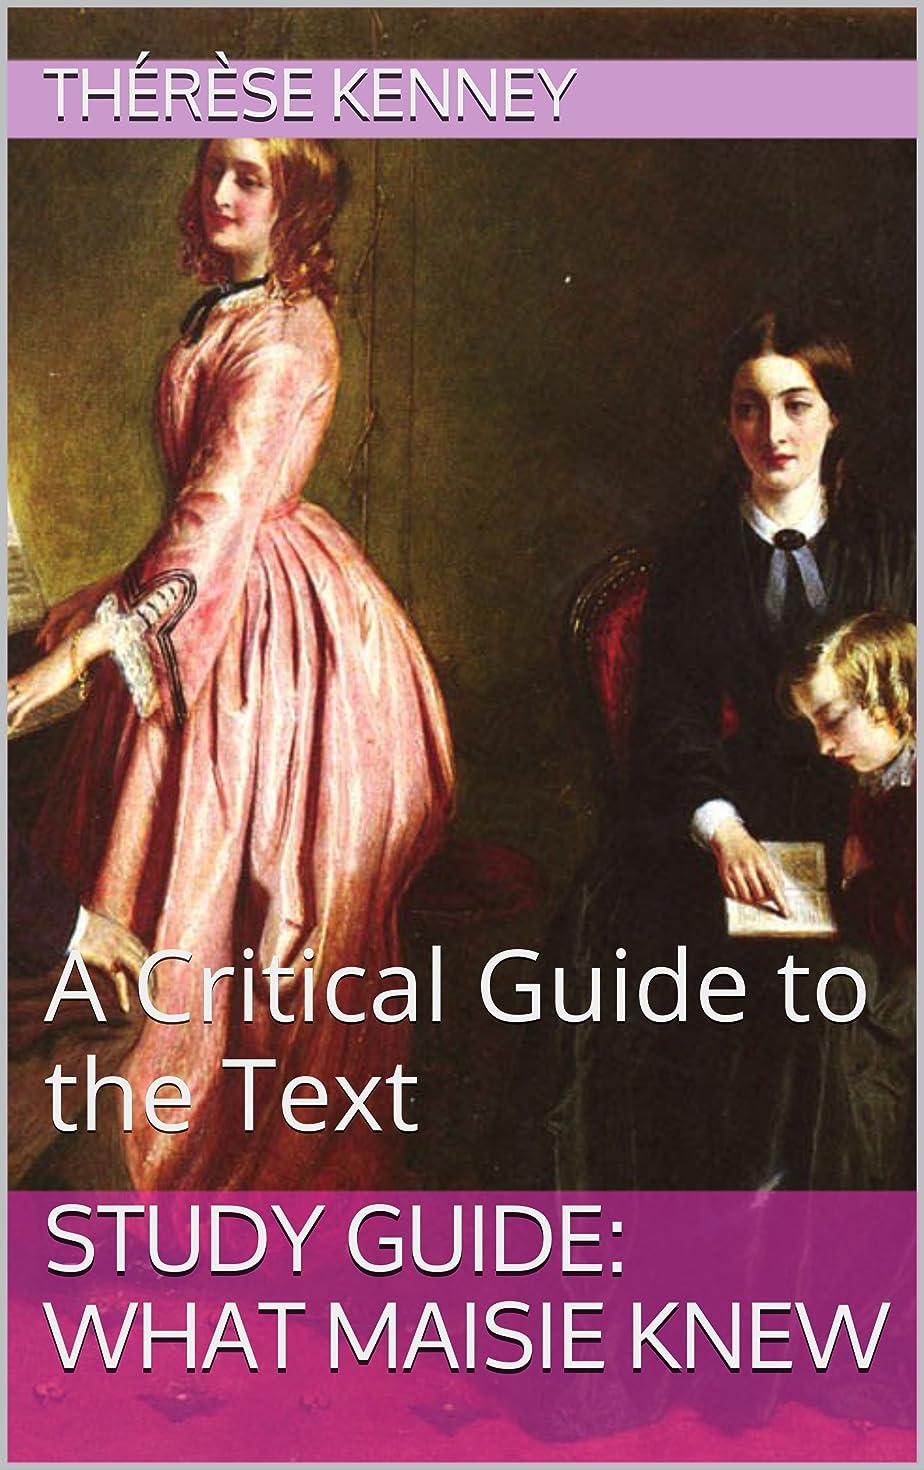 存在風景三角Study Guide: What Maisie Knew: A Critical Guide to the Text (English Edition)